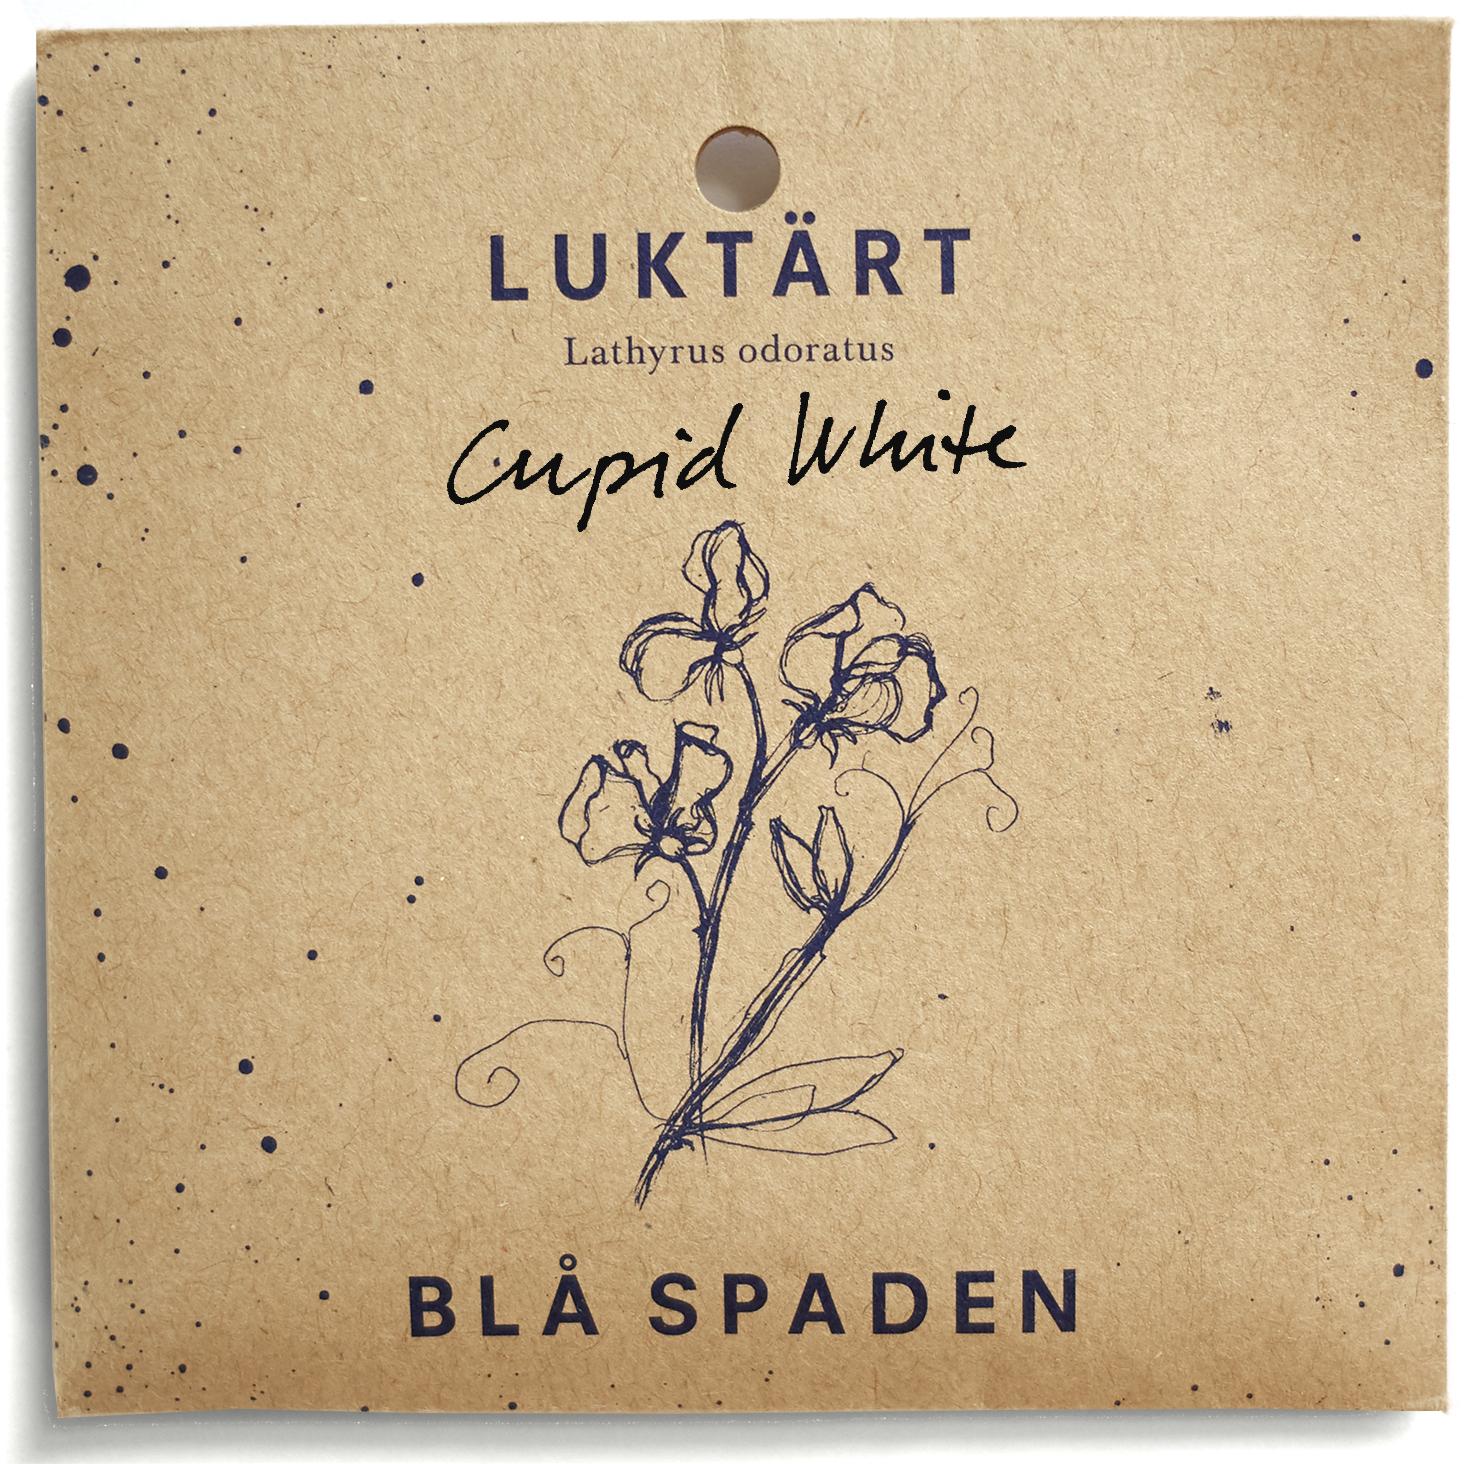 Cupid White - Snövit blom. Lågväxande. Passar bra i krukor,arrangemang och som marktäckare.